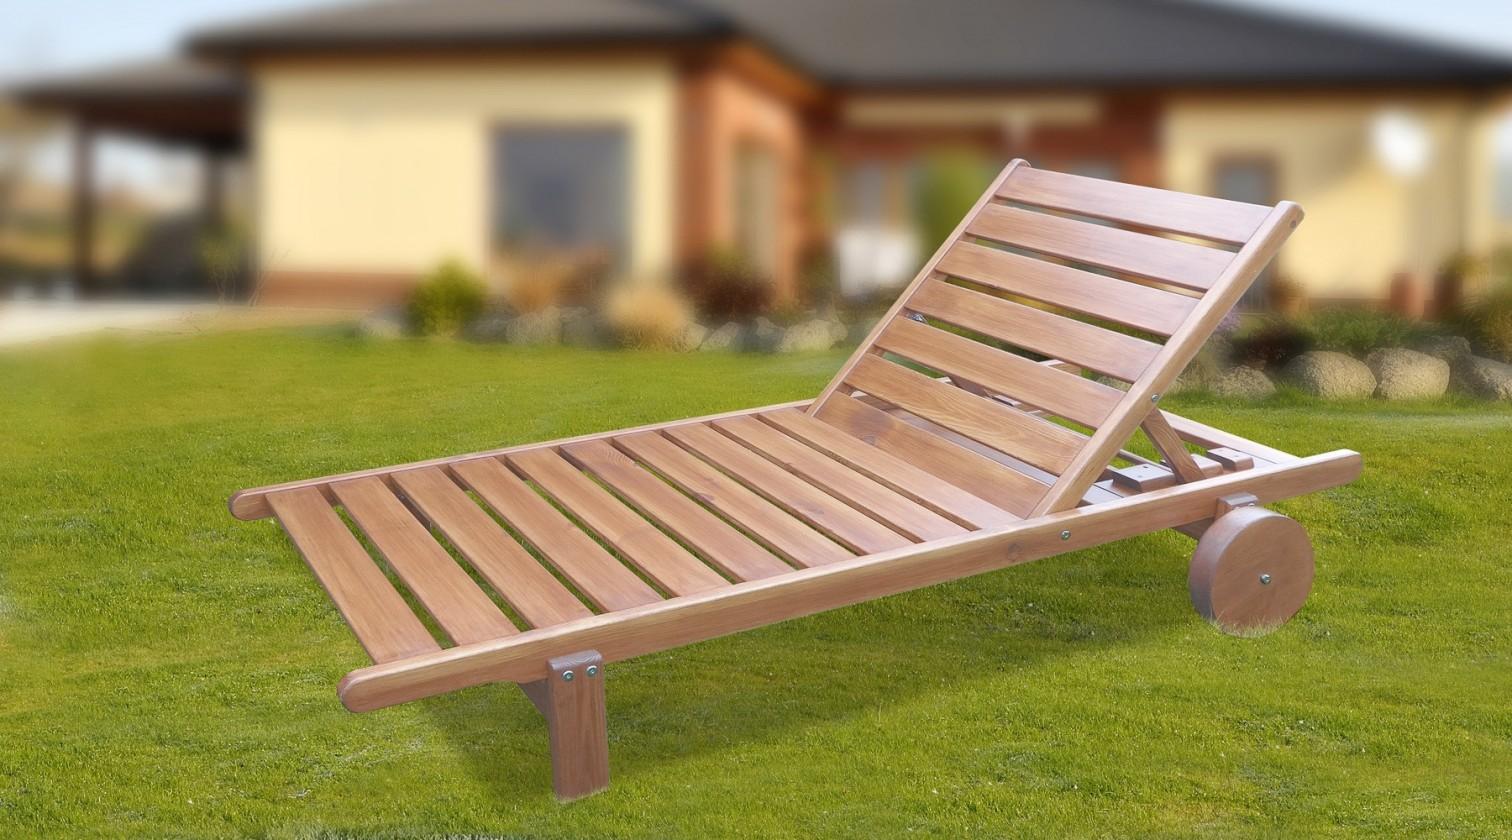 Zahradní lehátko Relax - Polohovací lehátko (přírodní - bezbarvě impregnované)